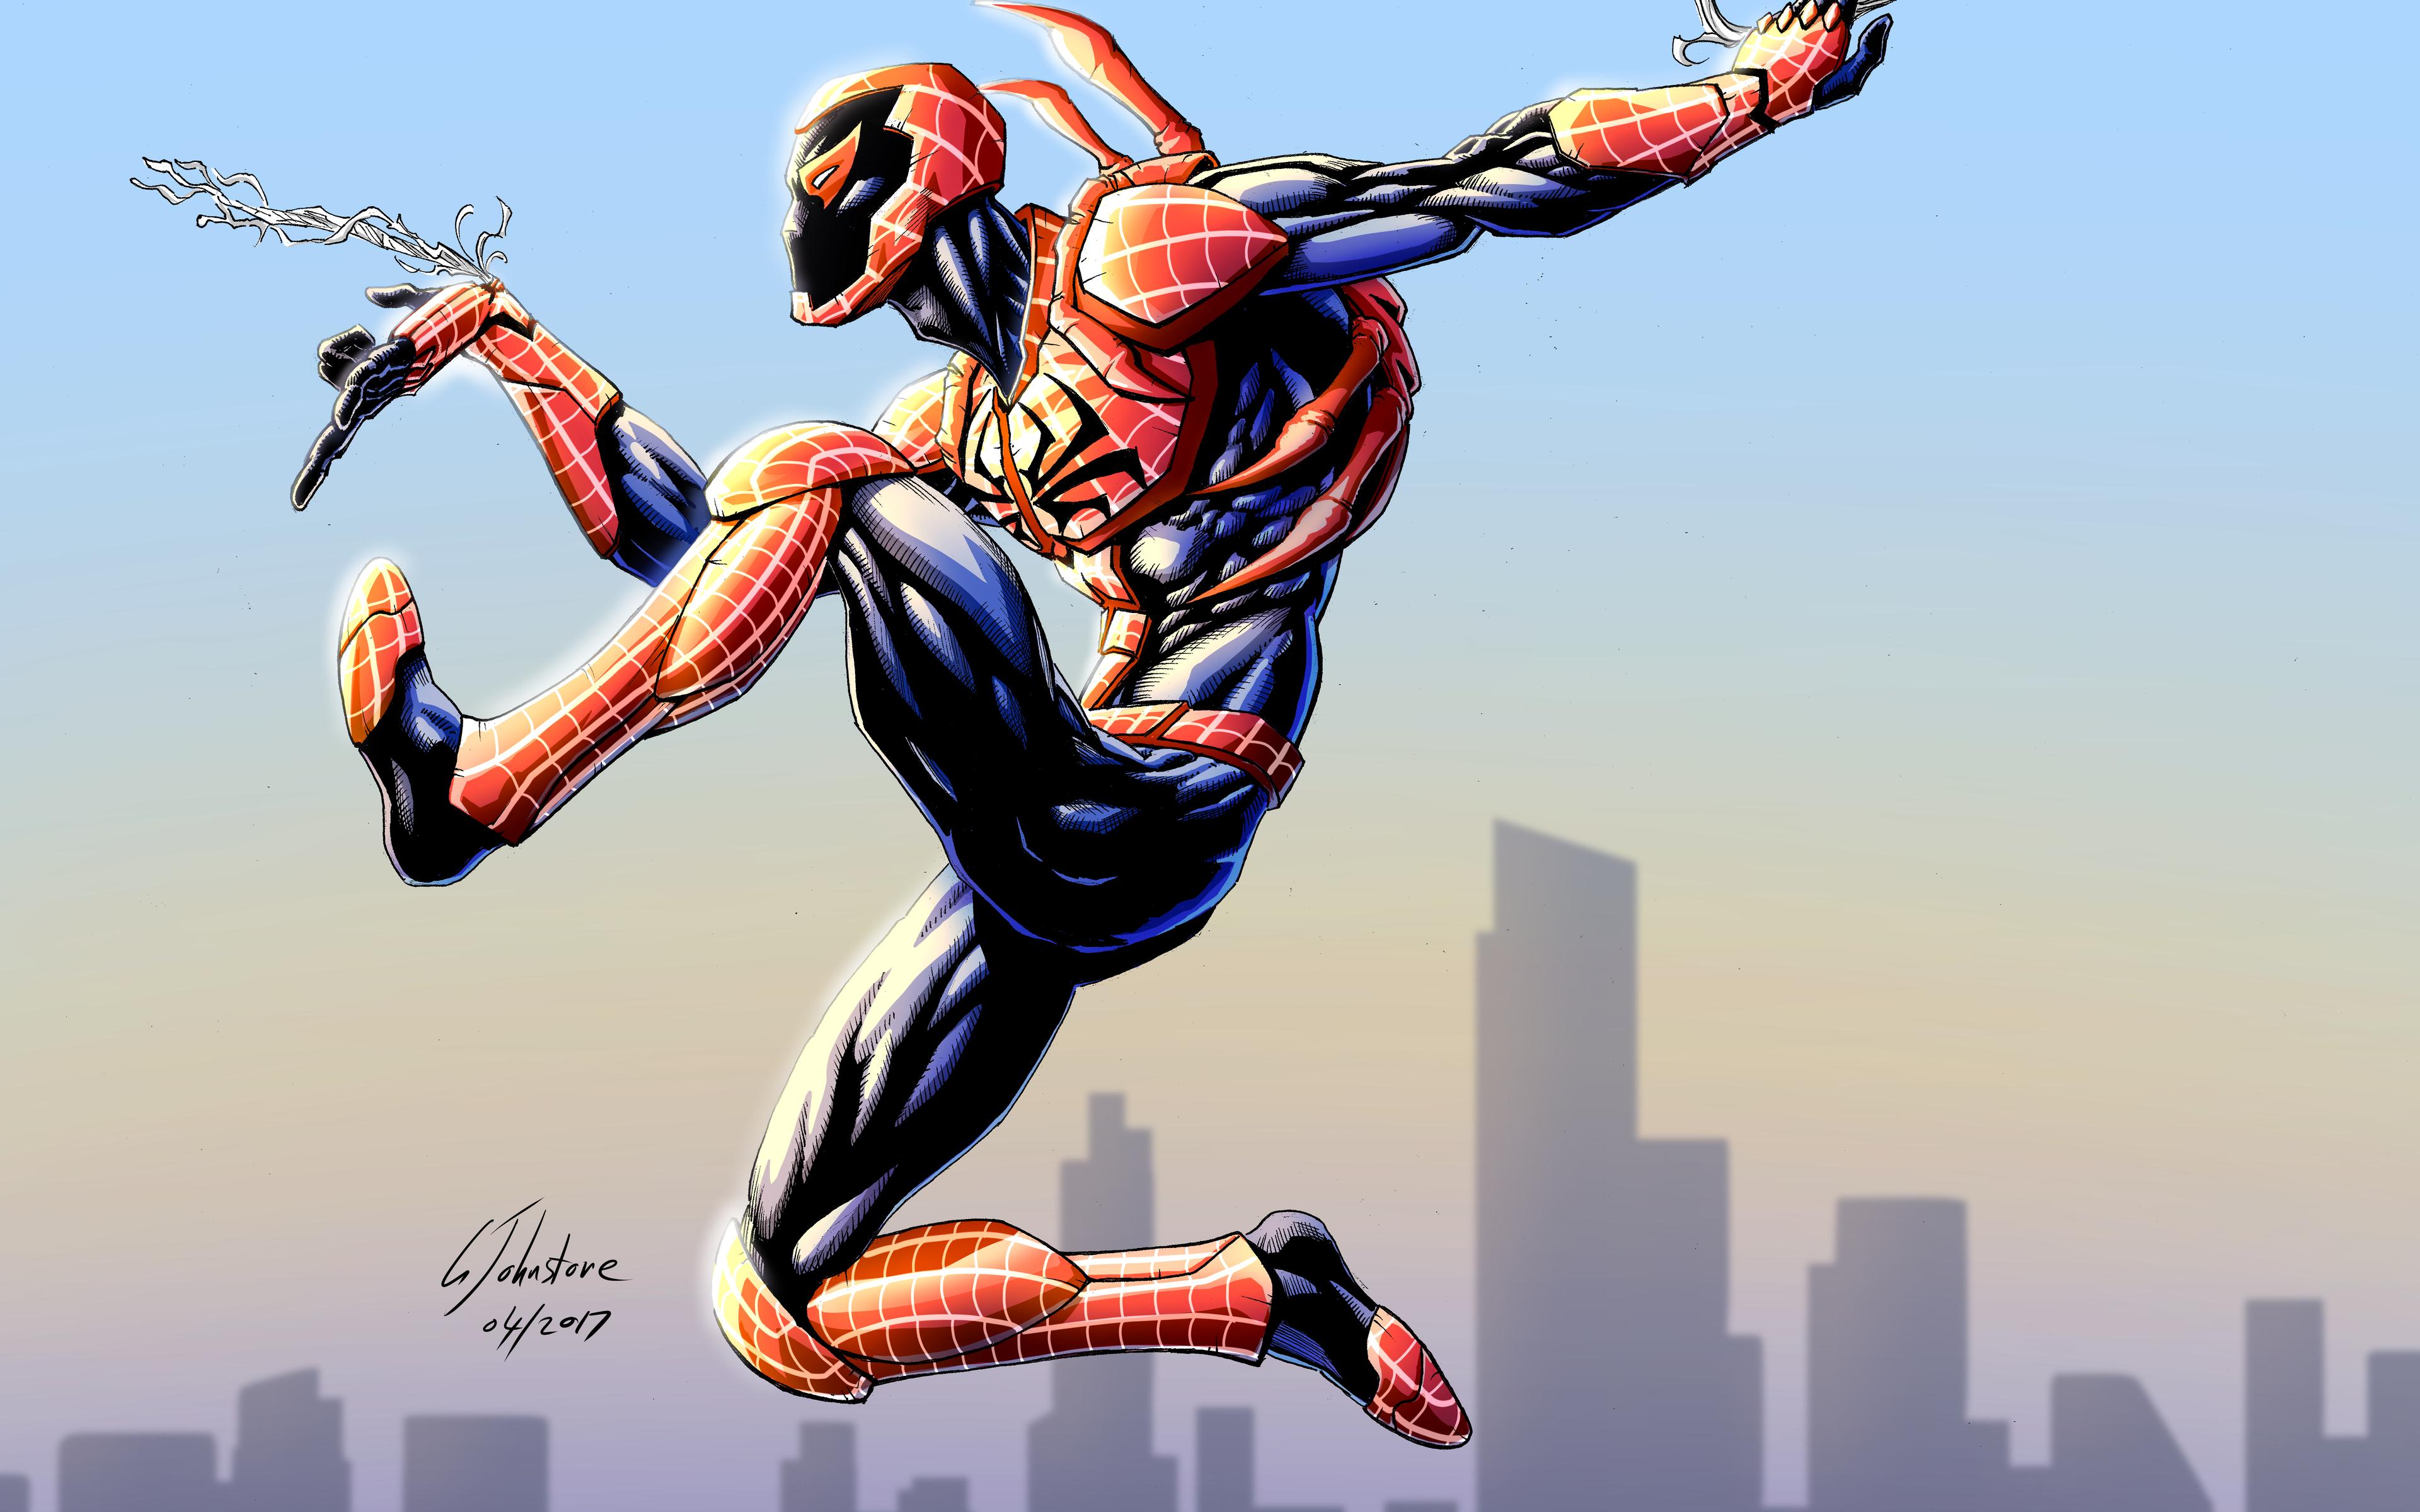 red-spiderman-bluebeetle-artwork-p4.jpg